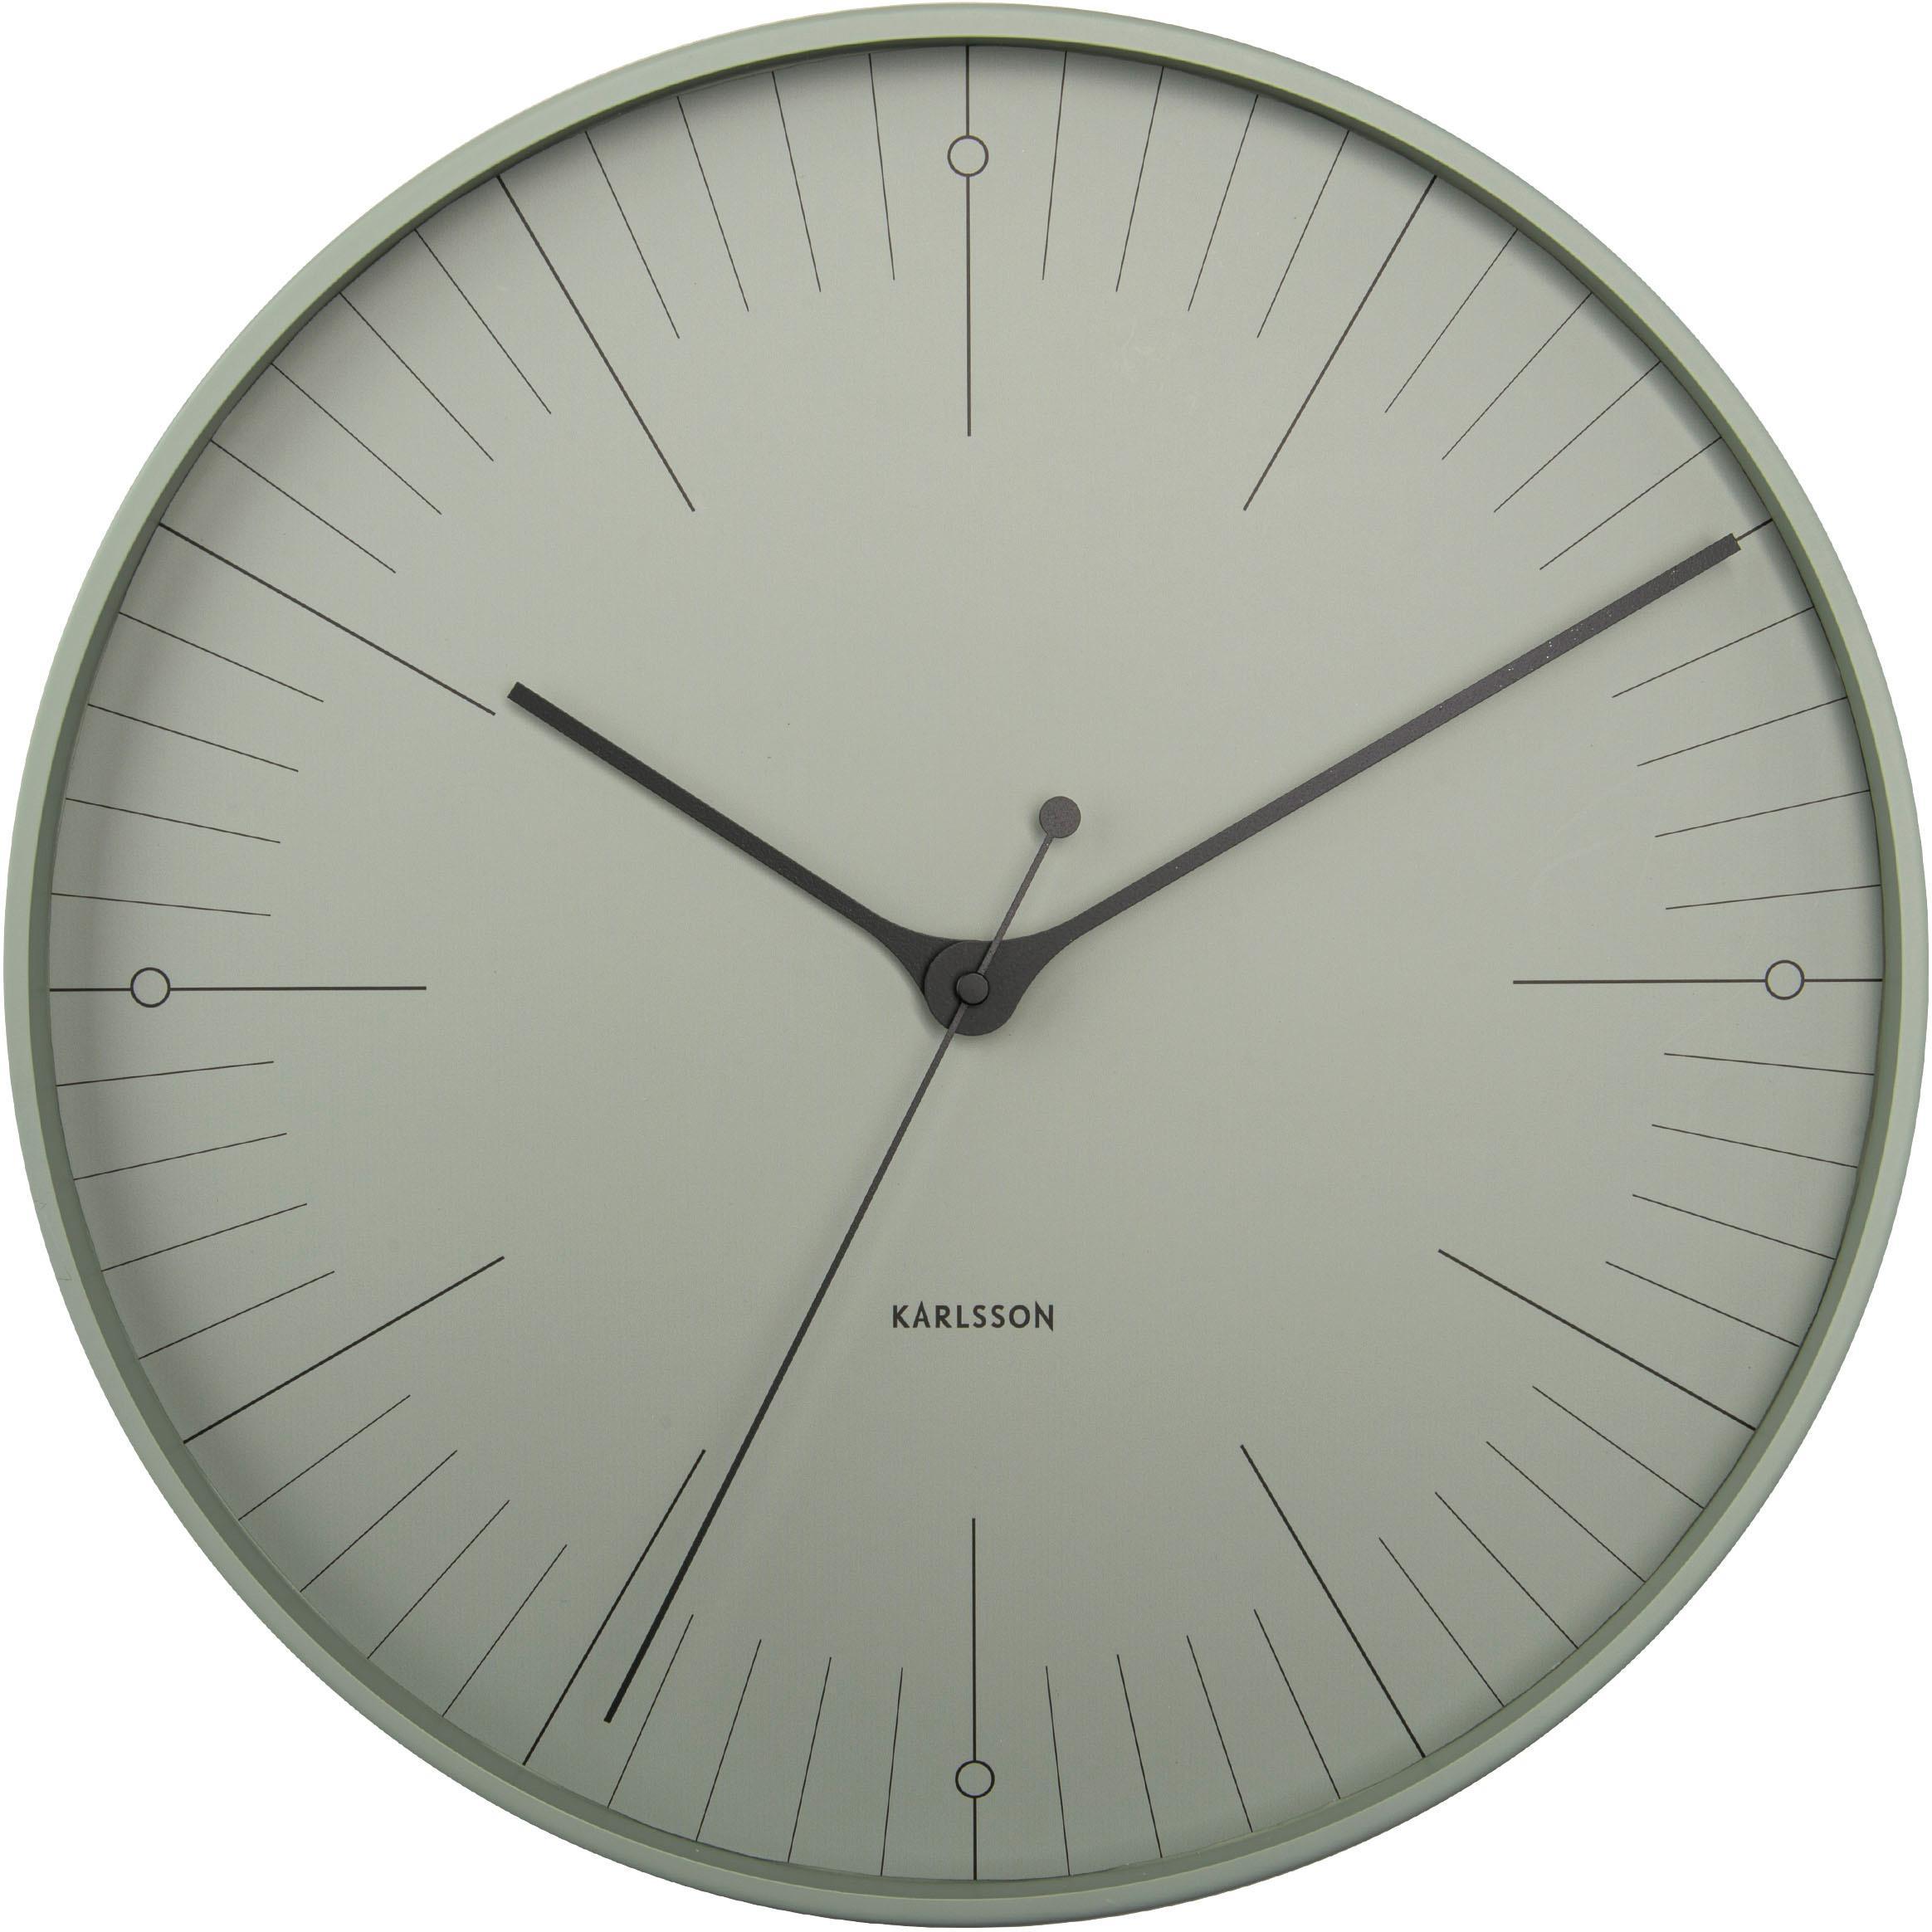 Orologio da parete Index, Metallo rivestito, Nero, verde, Ø 40 cm